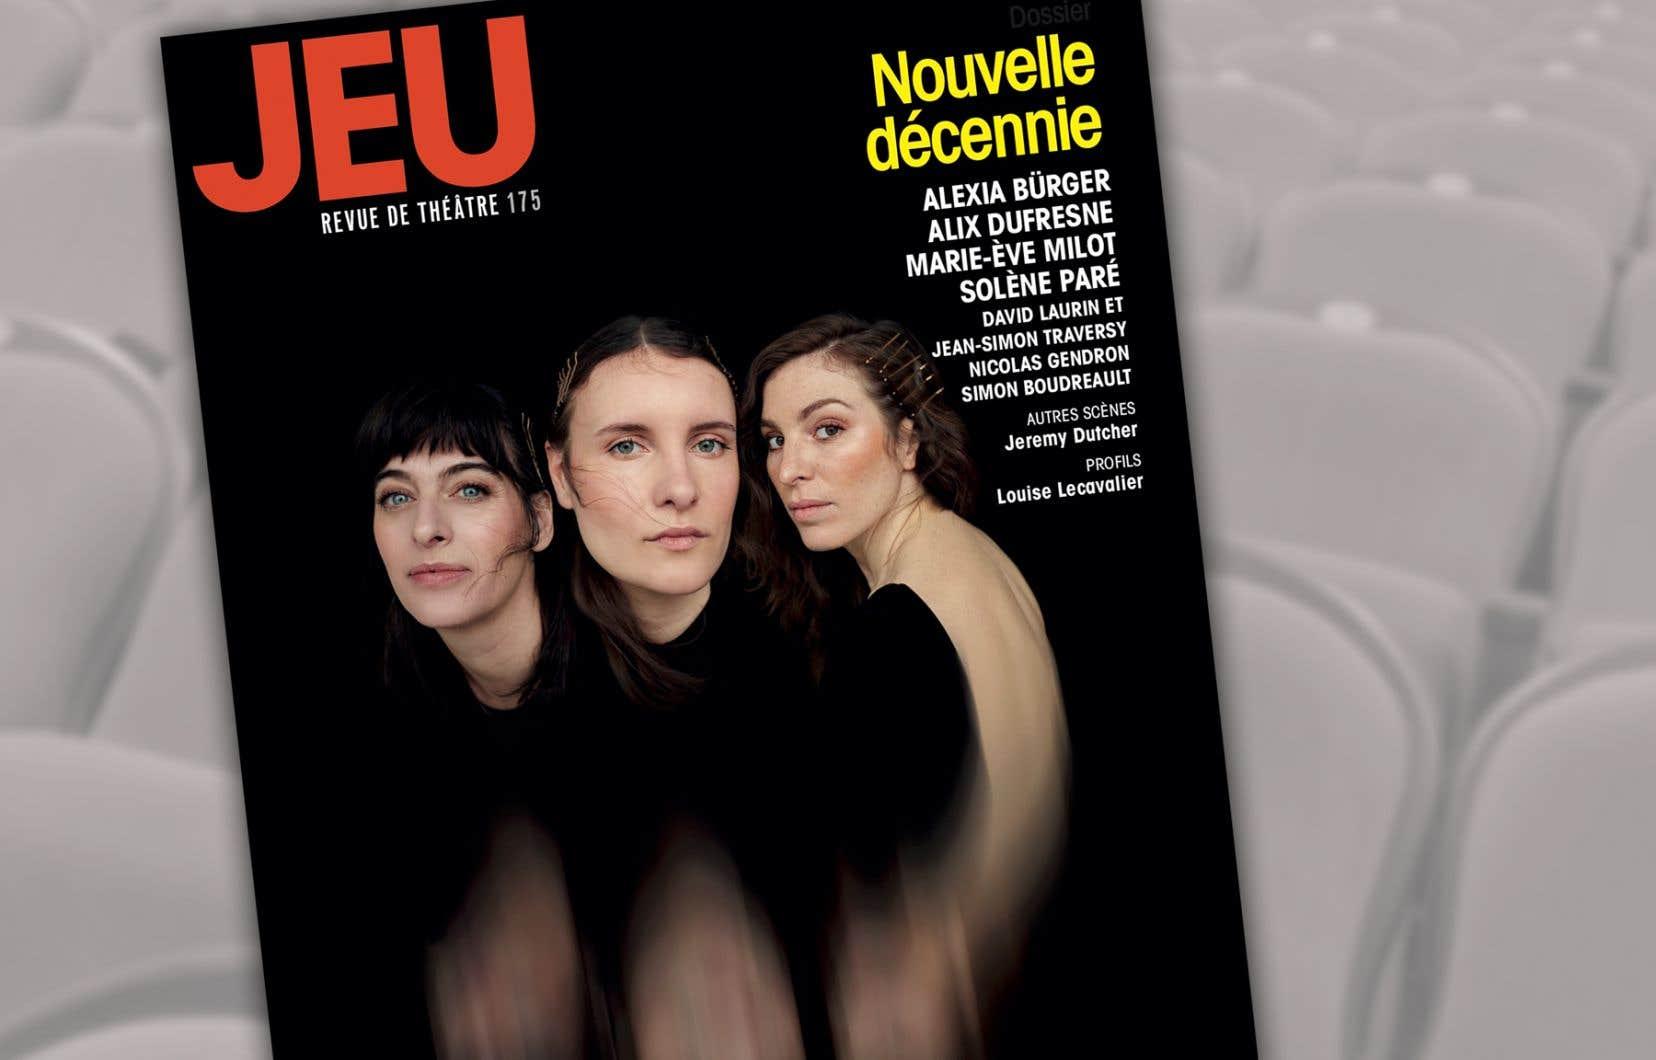 «Fondée avec 17 journalistes en 1985, l'Association québécoise des critiques de théâtre (AQCT) regroupait 37 membres en 2006; en 2020, nous sommes